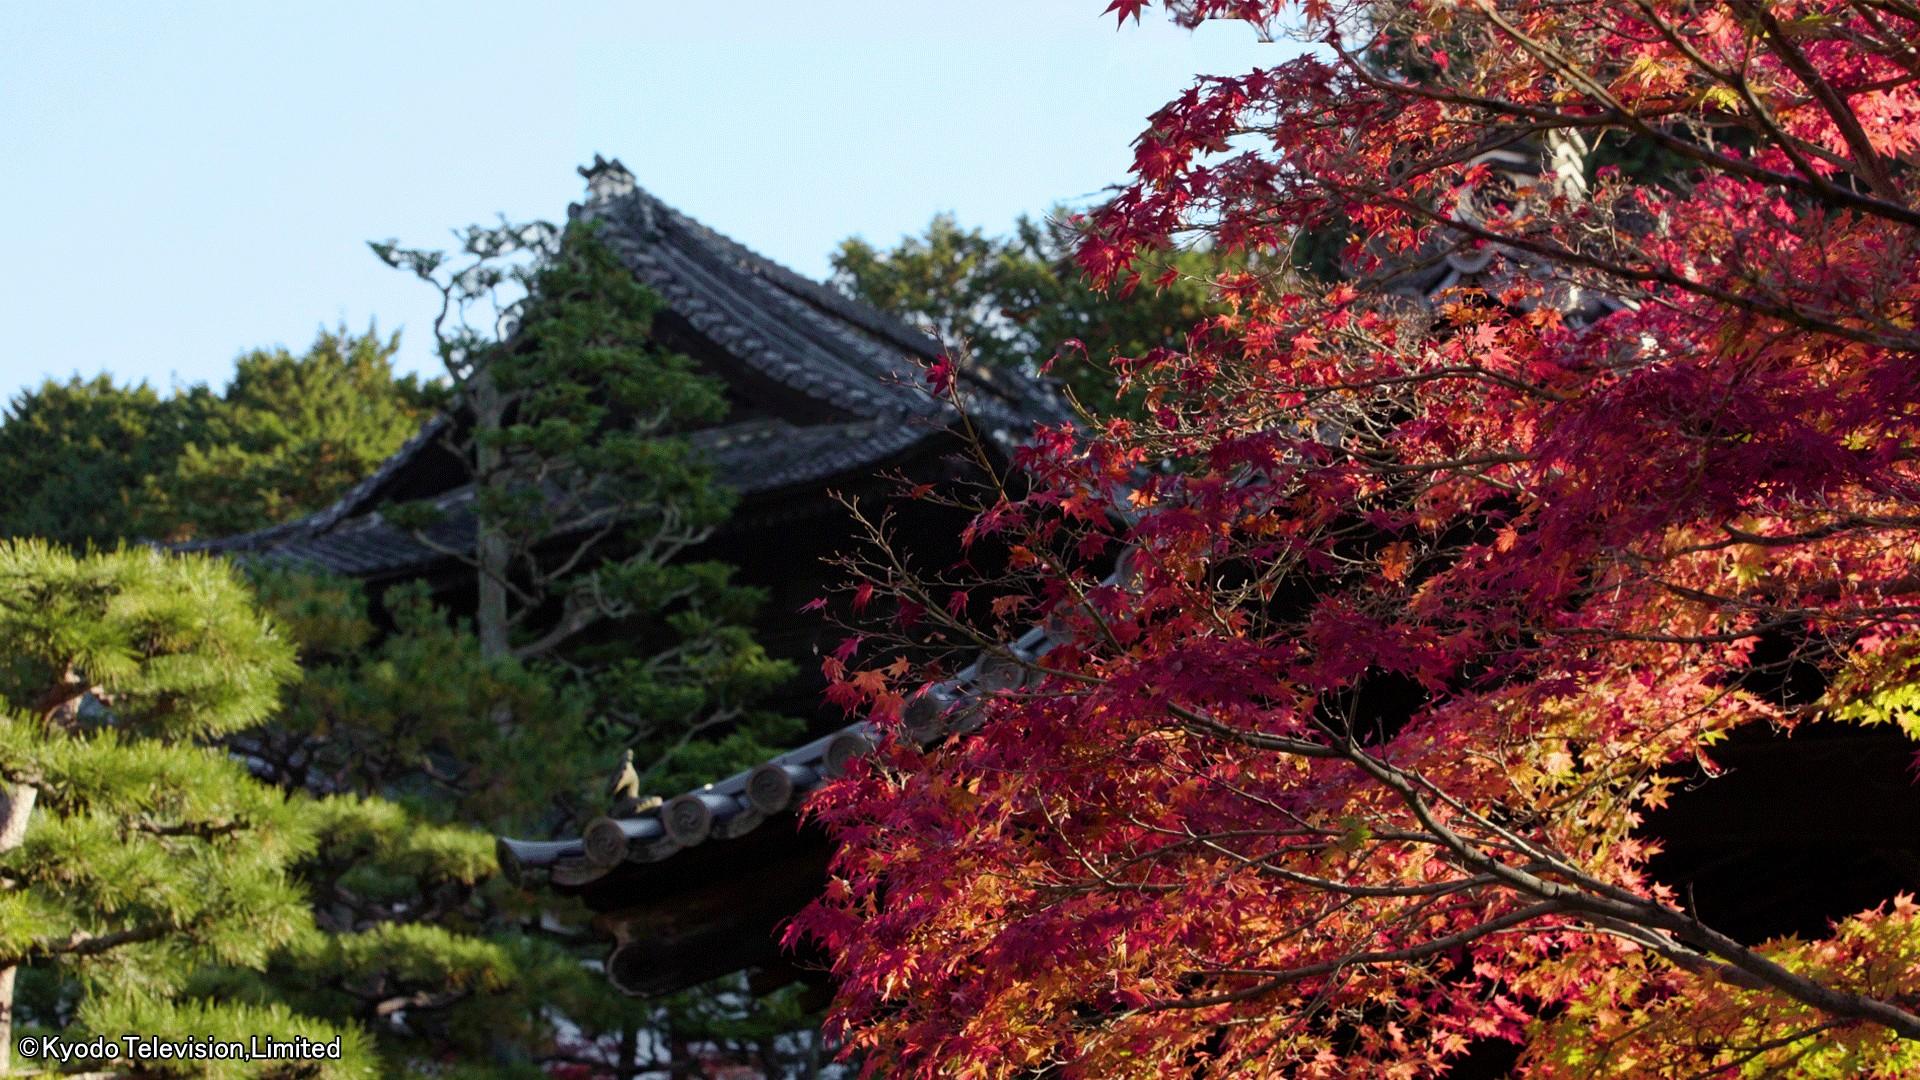 日本驚嘆百景 京都〜美しき紅葉の秘密〜_body_1